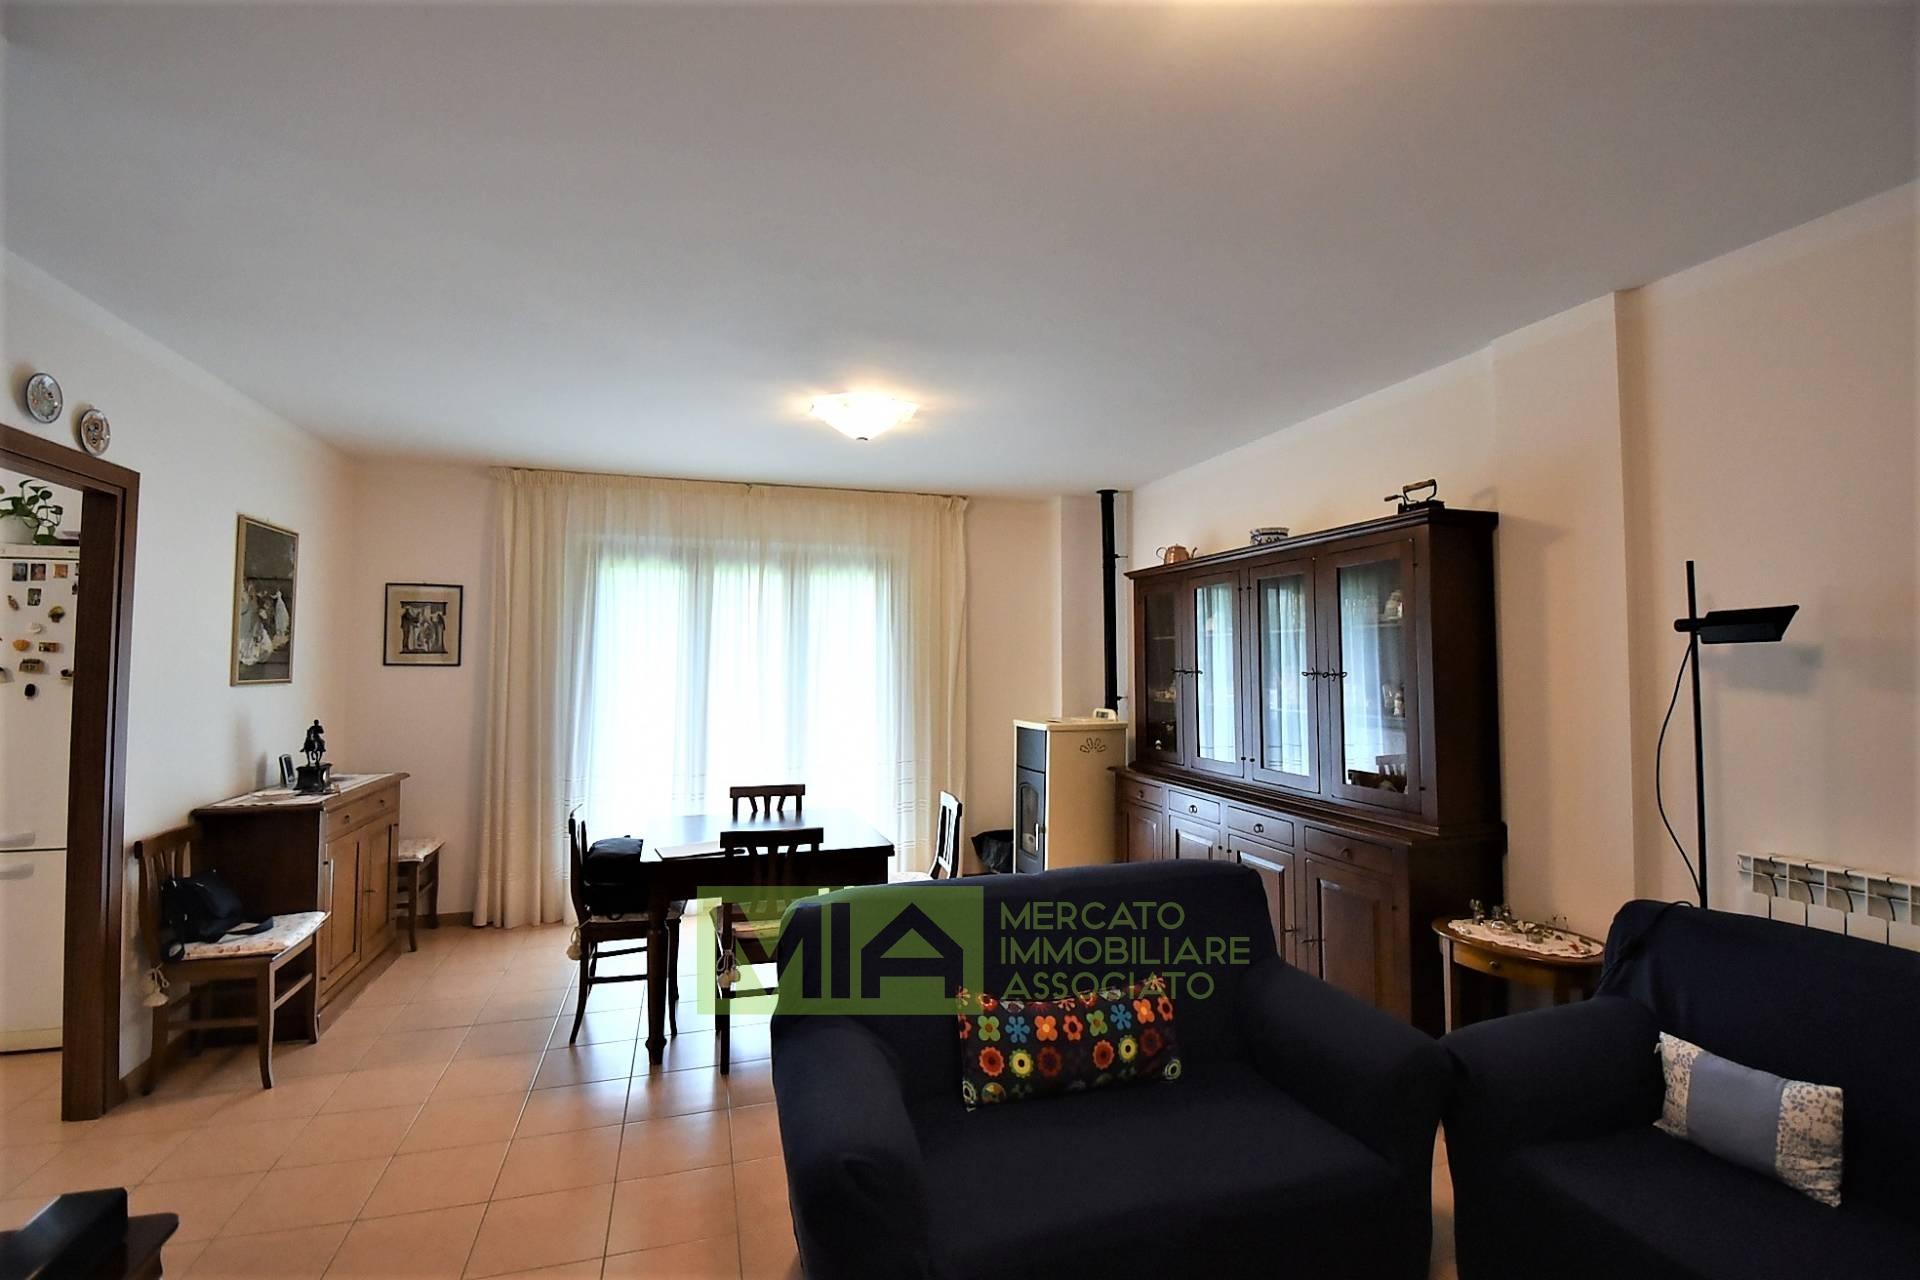 Appartamento in vendita a Sarnano, 6 locali, zona Località: Centro, prezzo € 130.000 | PortaleAgenzieImmobiliari.it